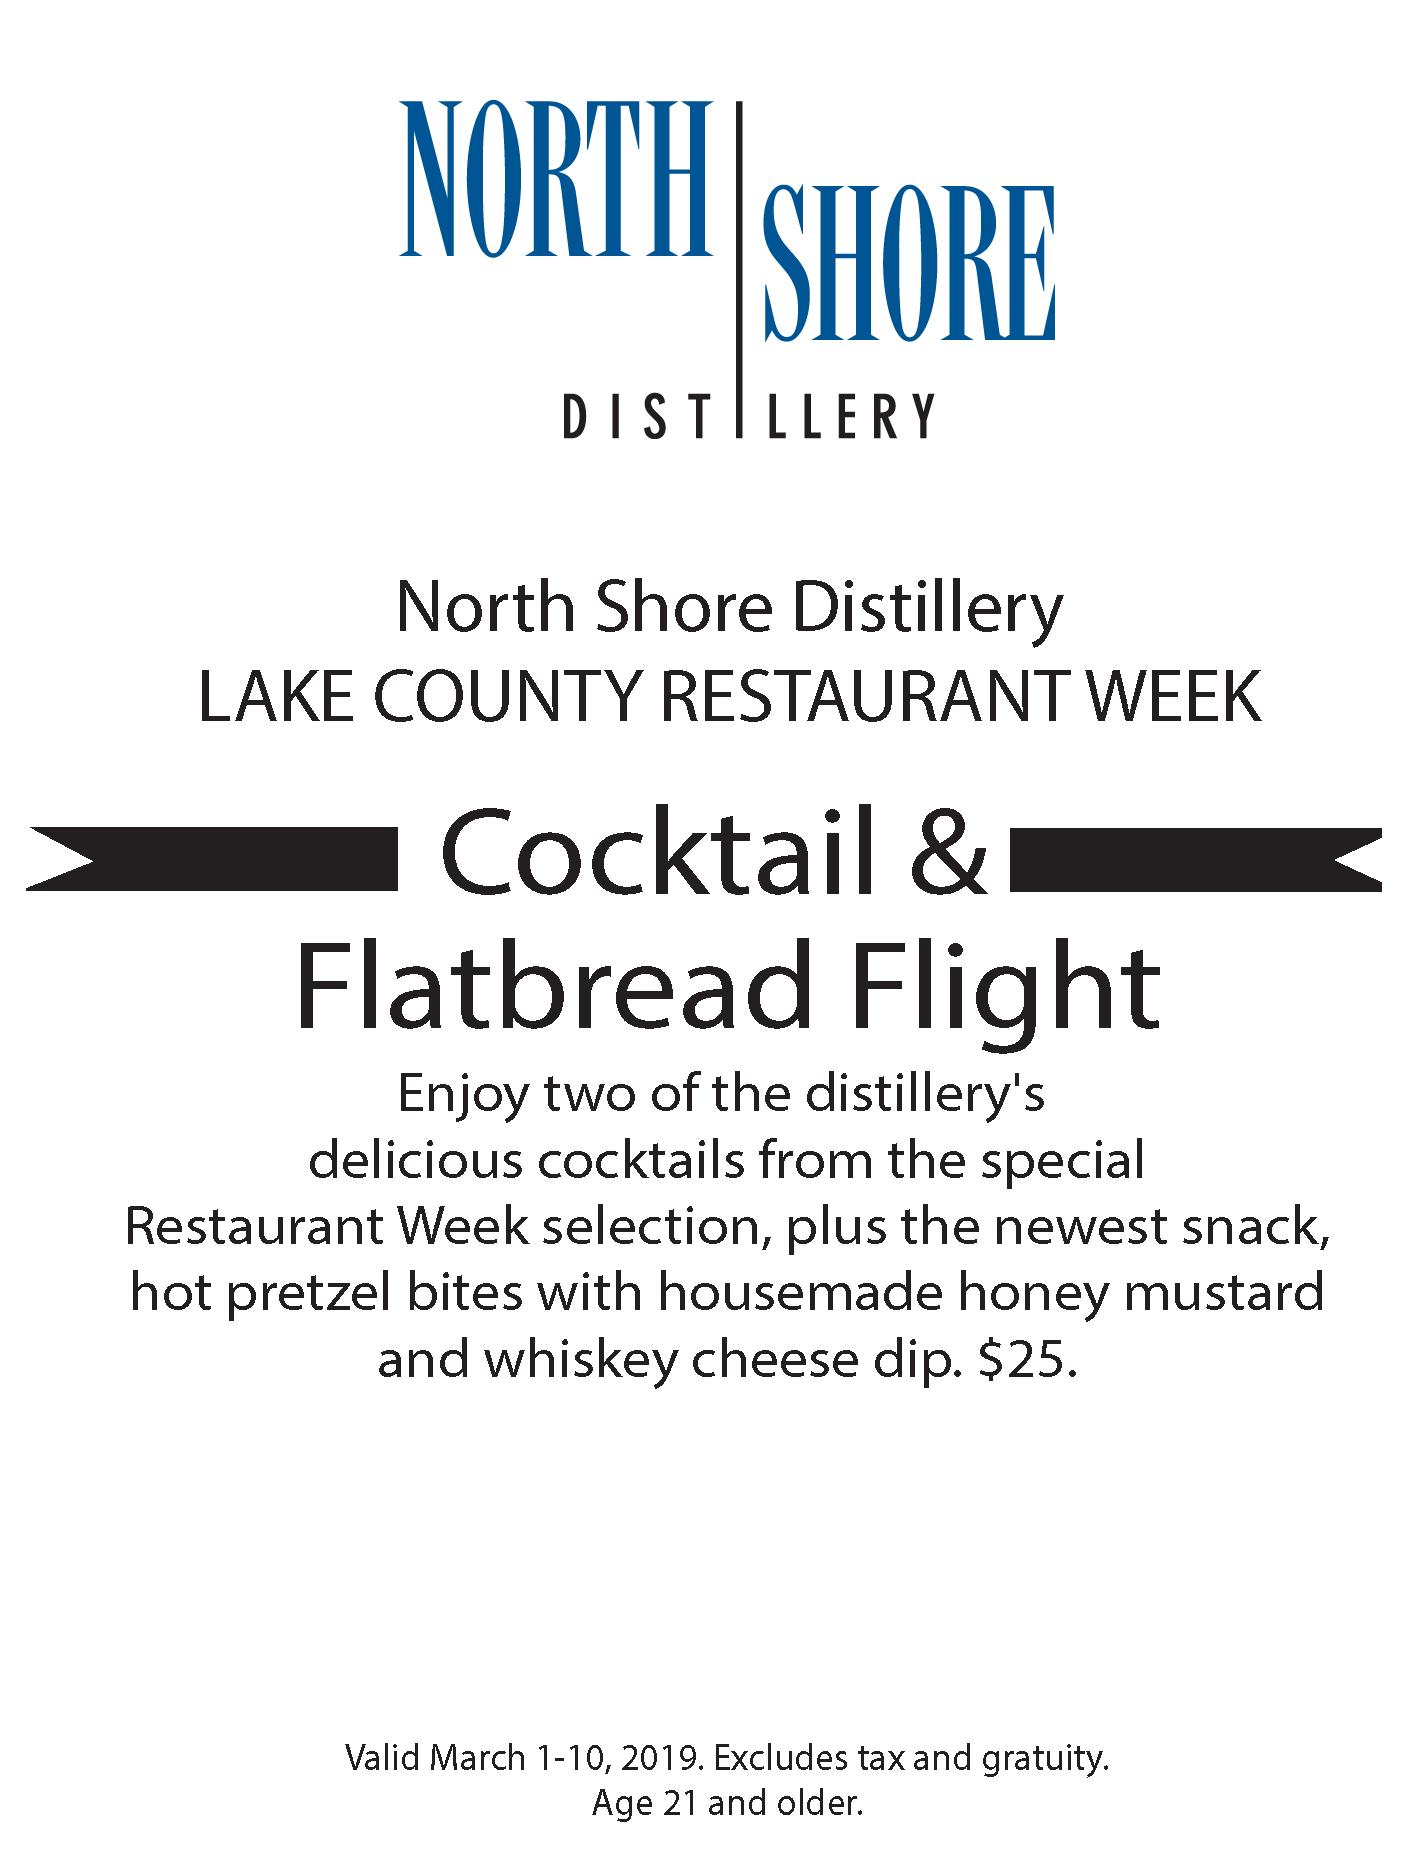 North Shore Distillery Tasting